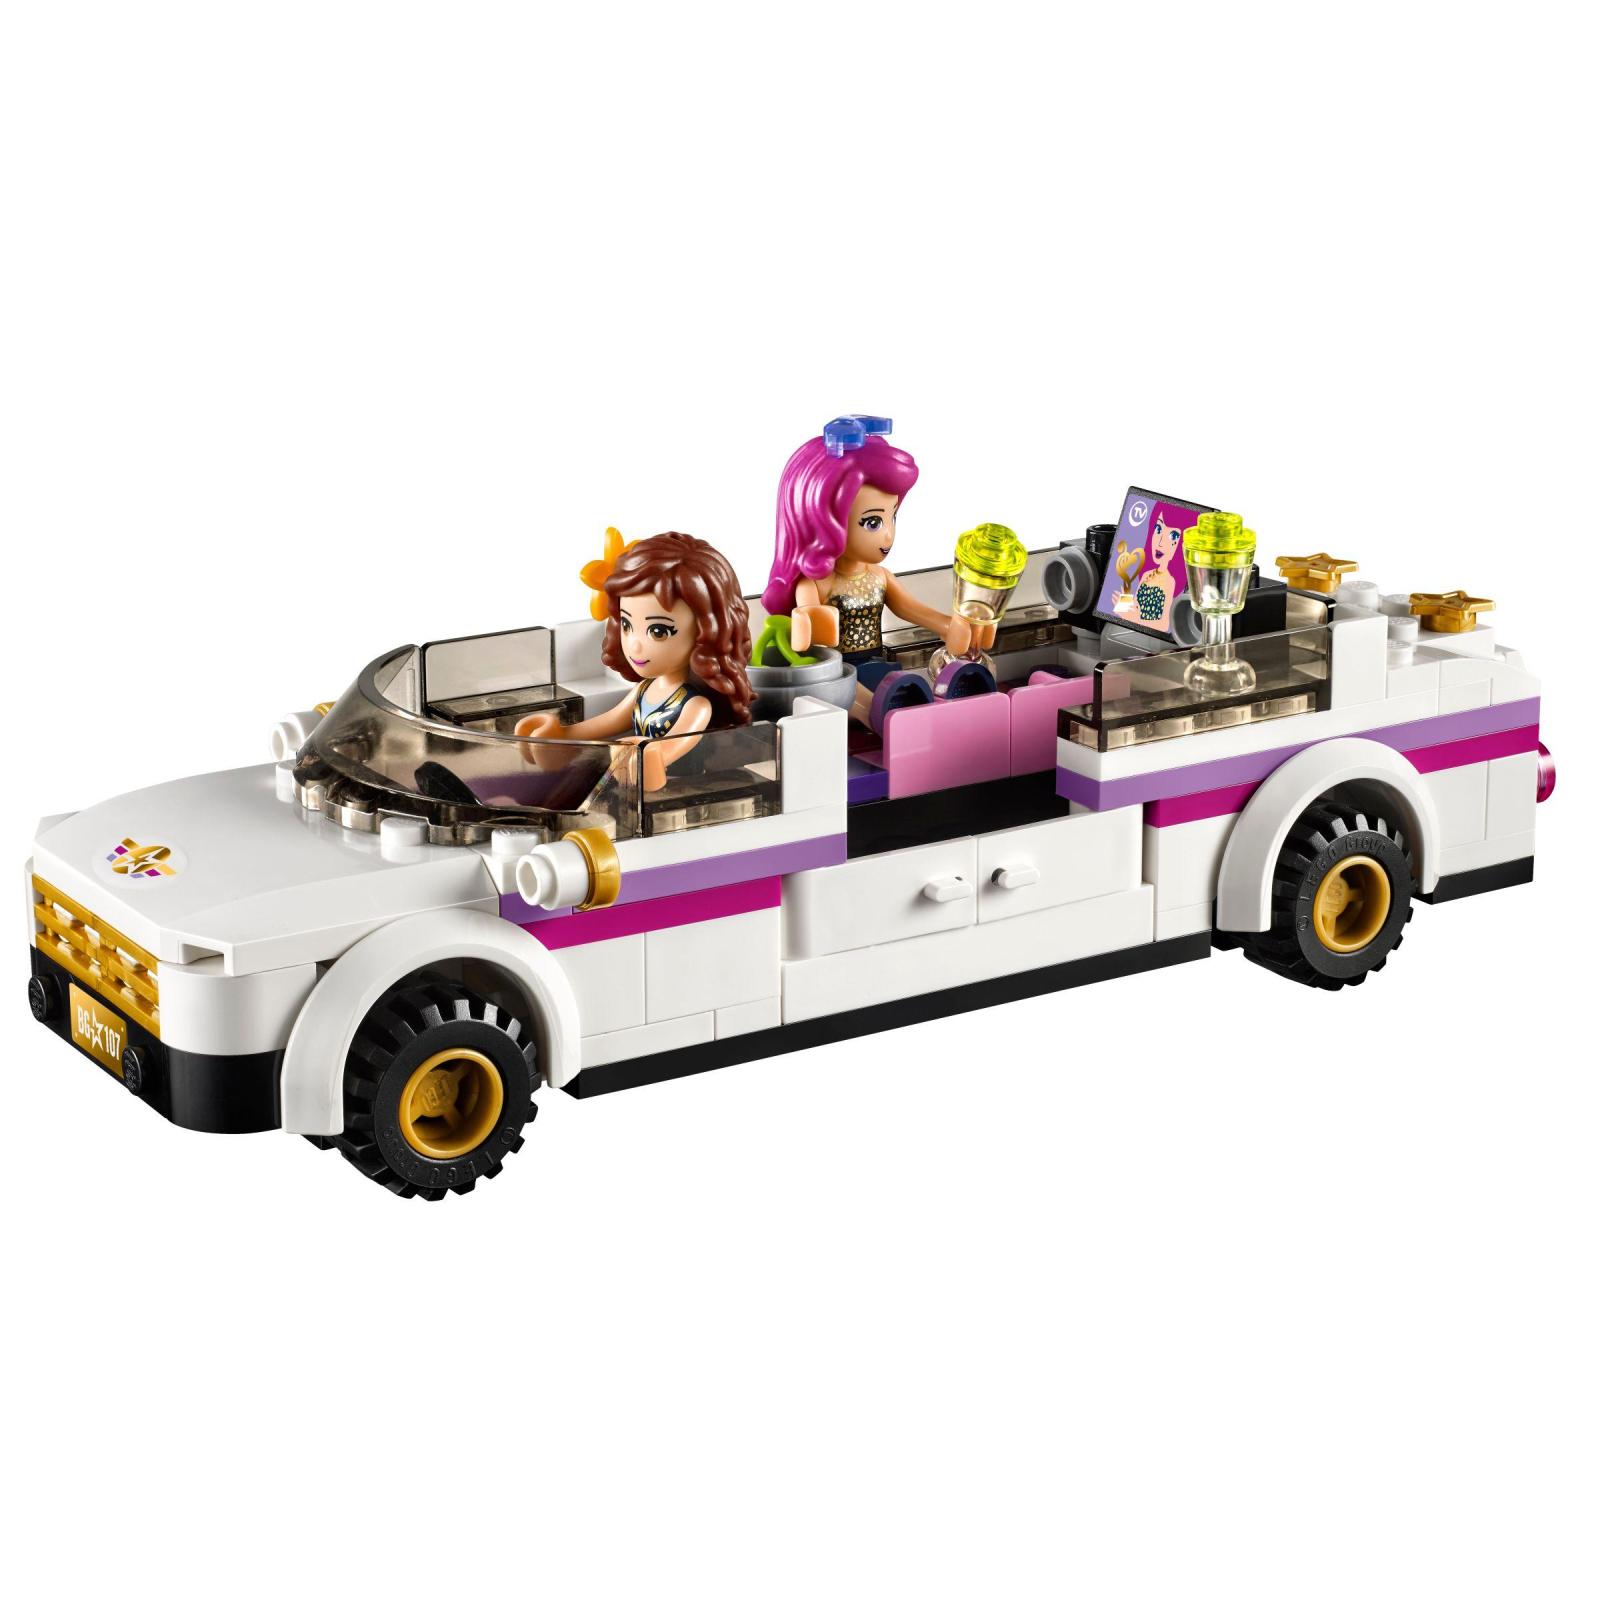 Конструктор LEGO Friends Лимузин поп-звезды (41107) изображение 3